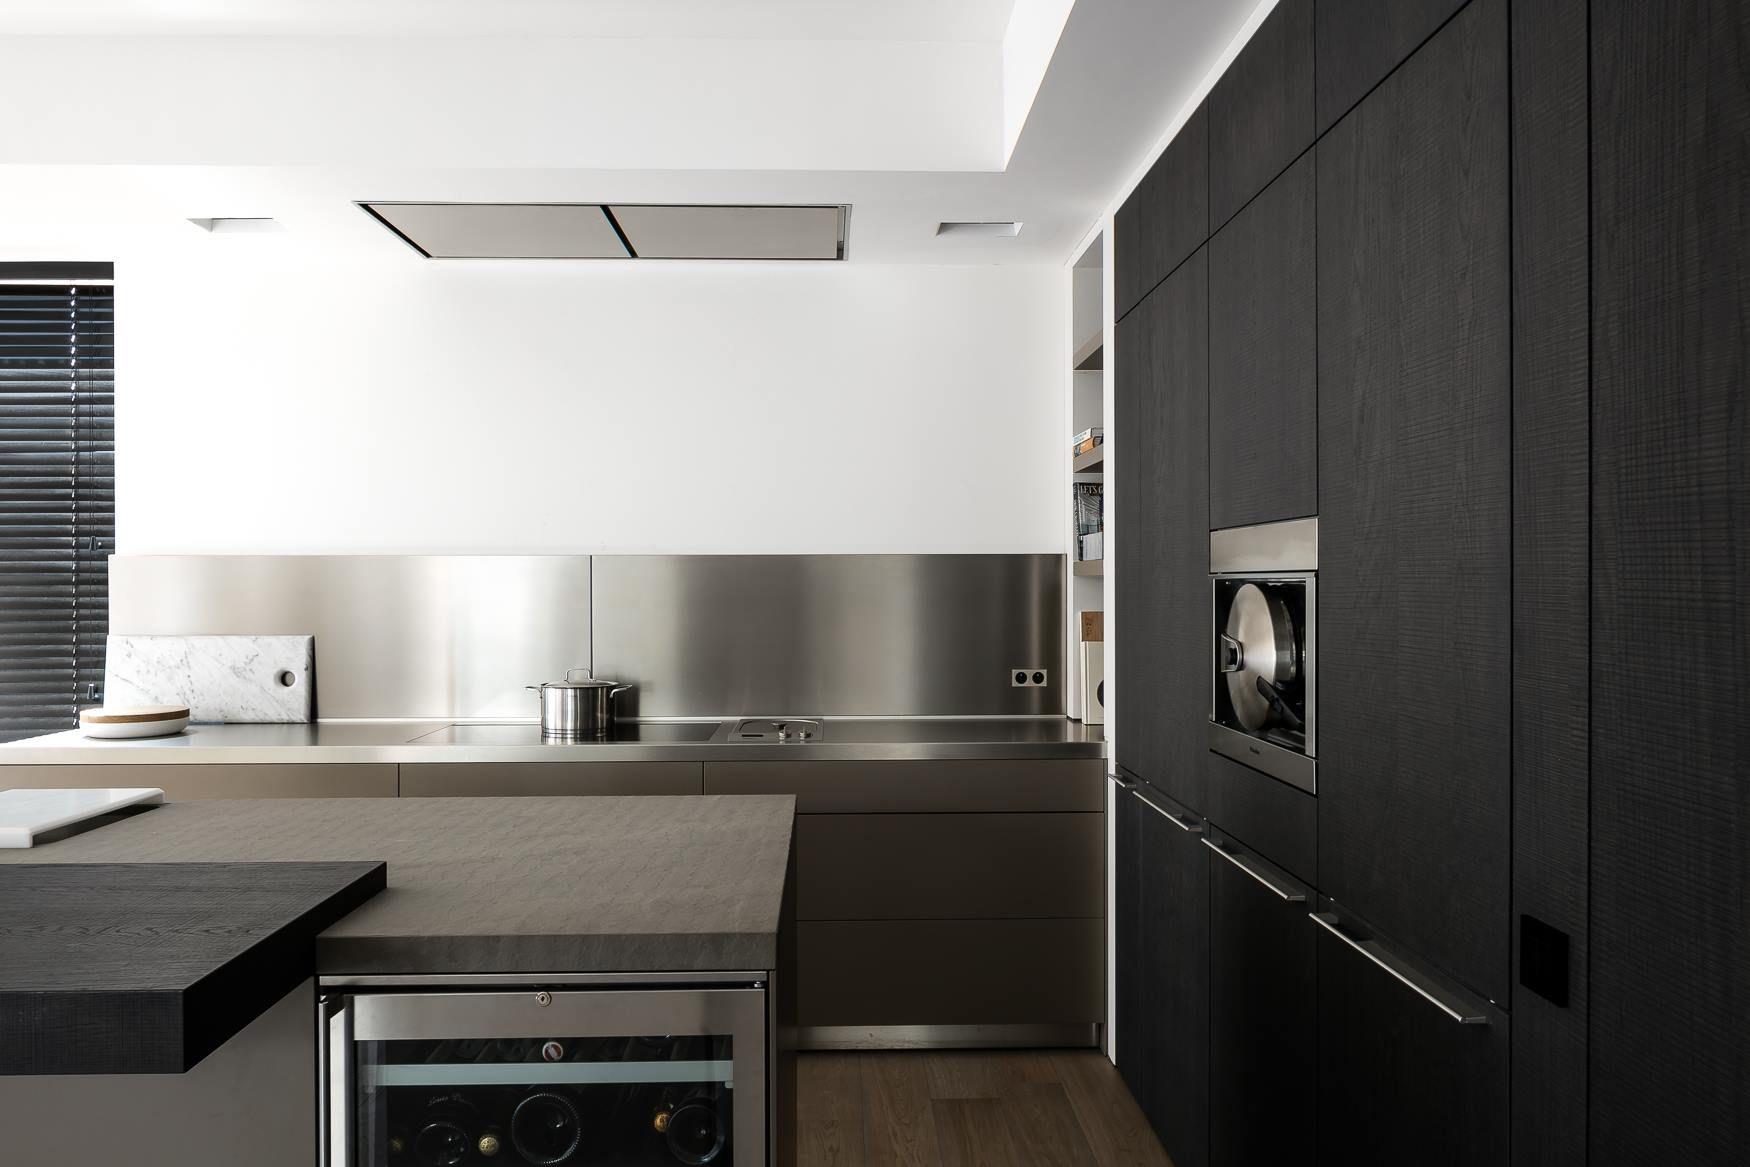 Bulthaup B3 Keuken : Bulthaup b keuken in laminaat lehm en roestvrijstalen